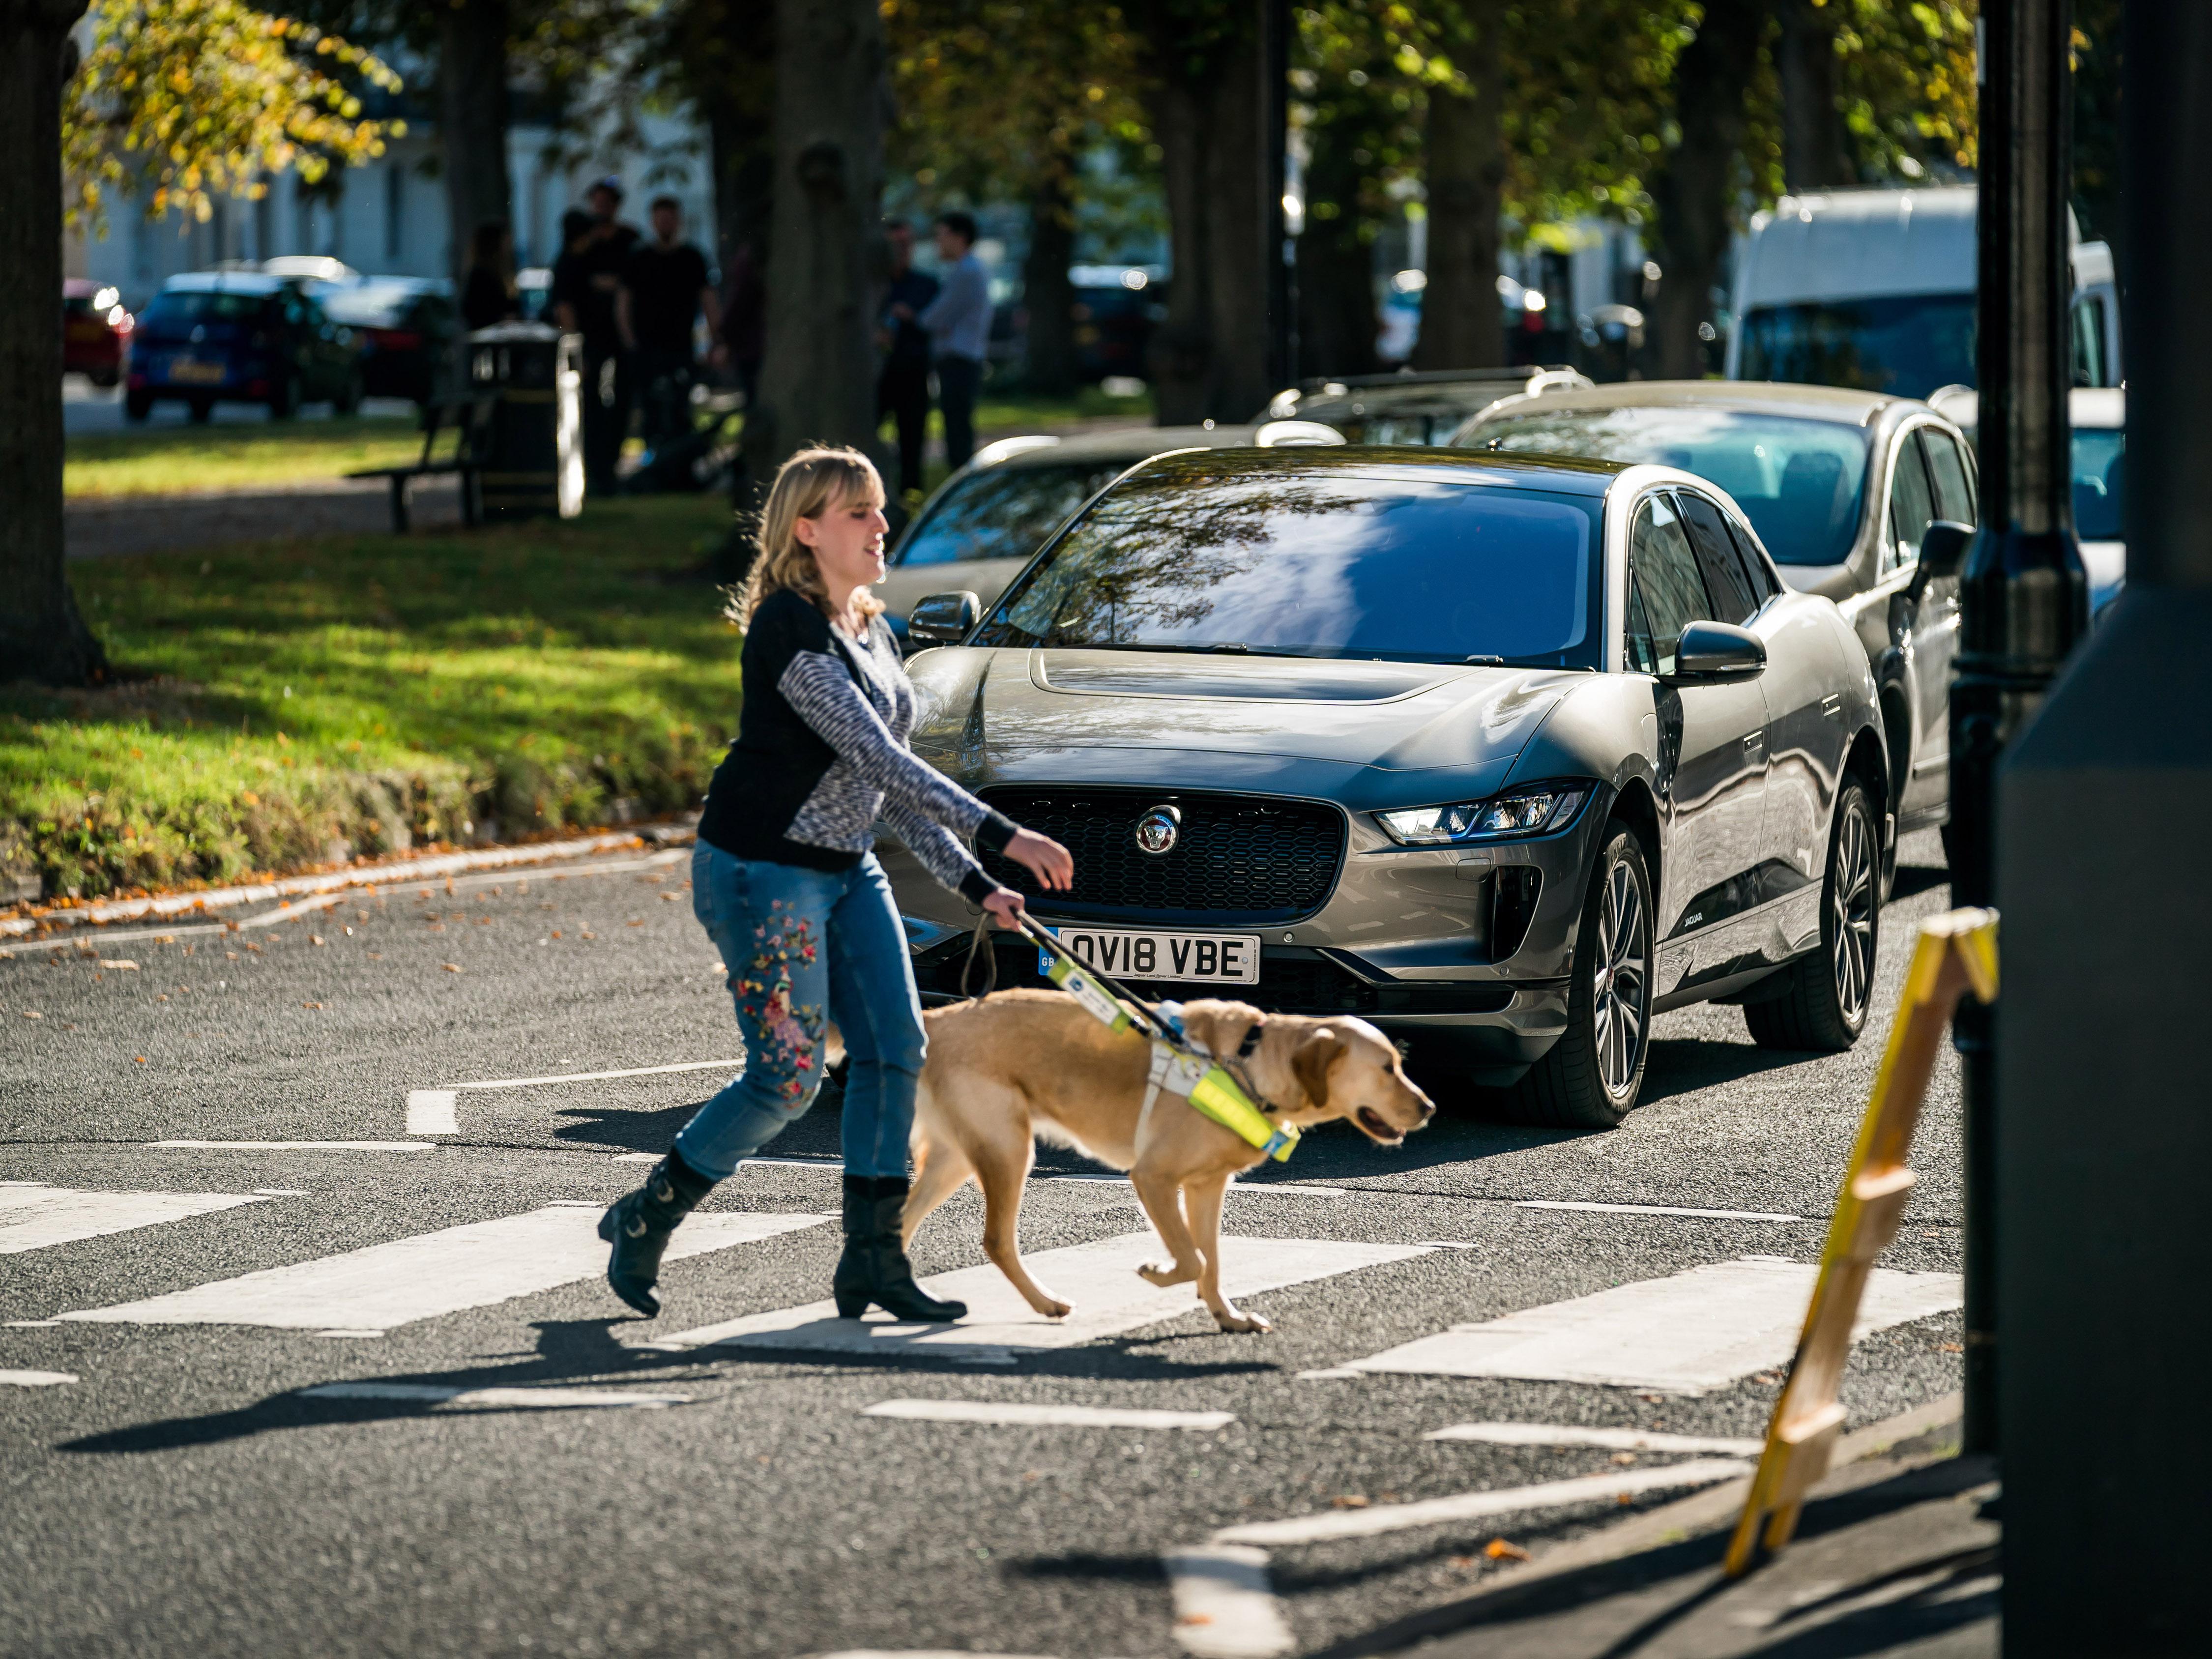 Elektrische Auto S Moeten Geluid Maken Voor Blinden Rijschoolpro